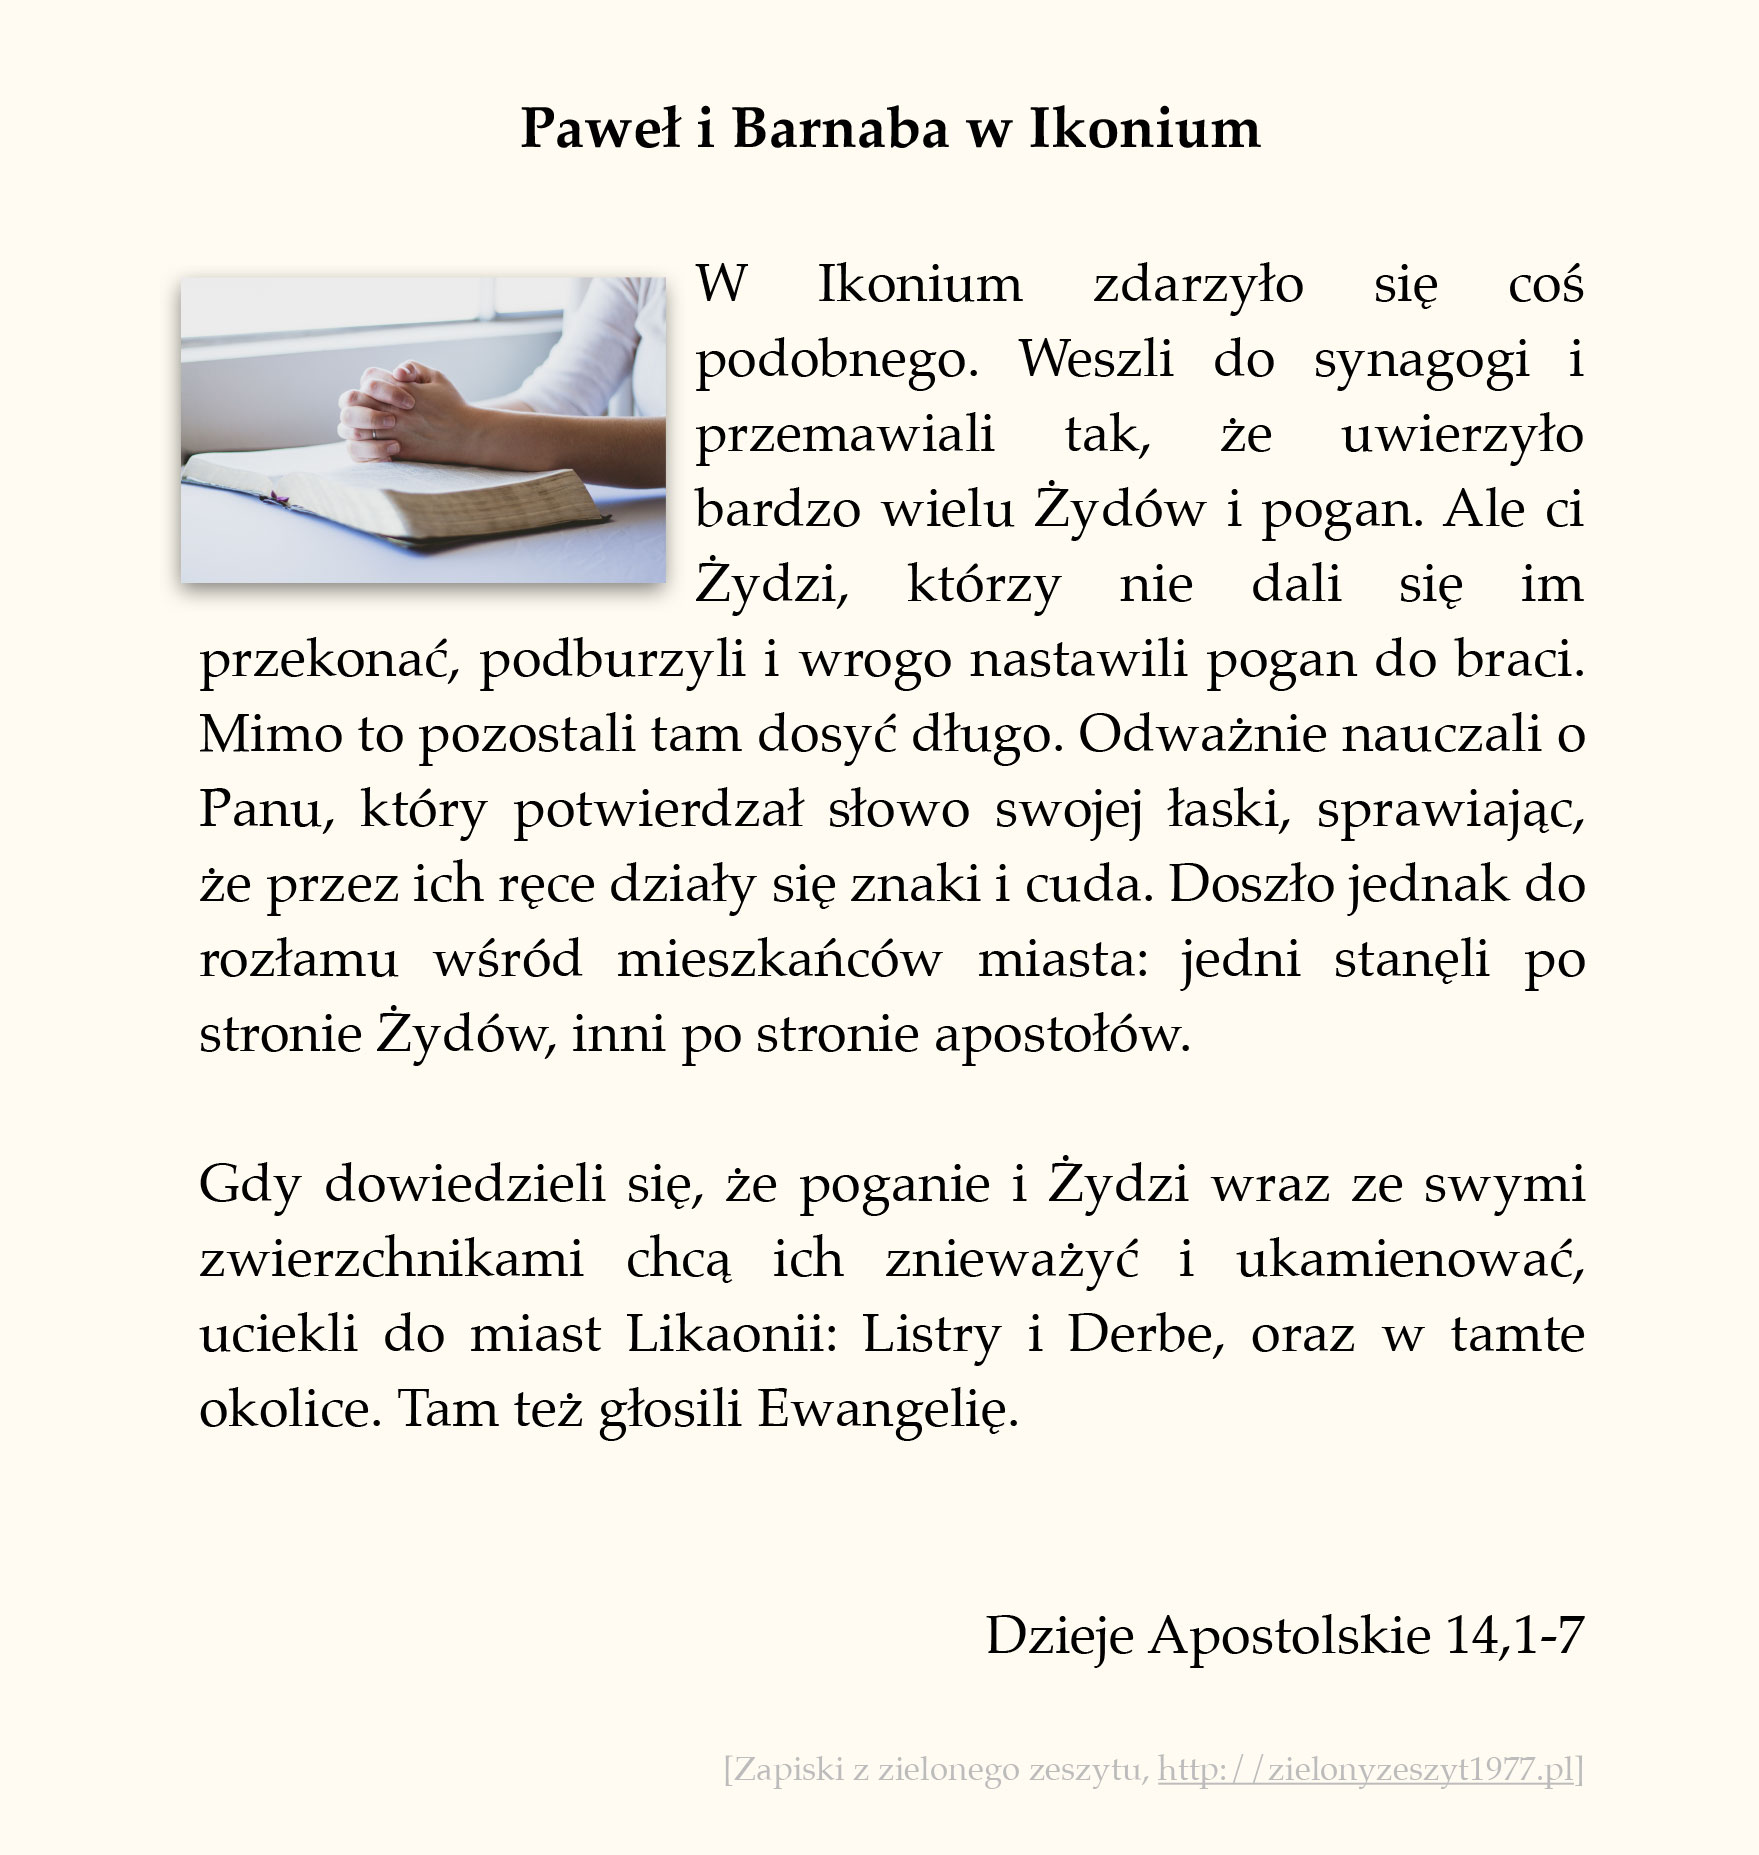 Paweł i Barnaba w Ikonium, Dzieje Apostolskie (#62)